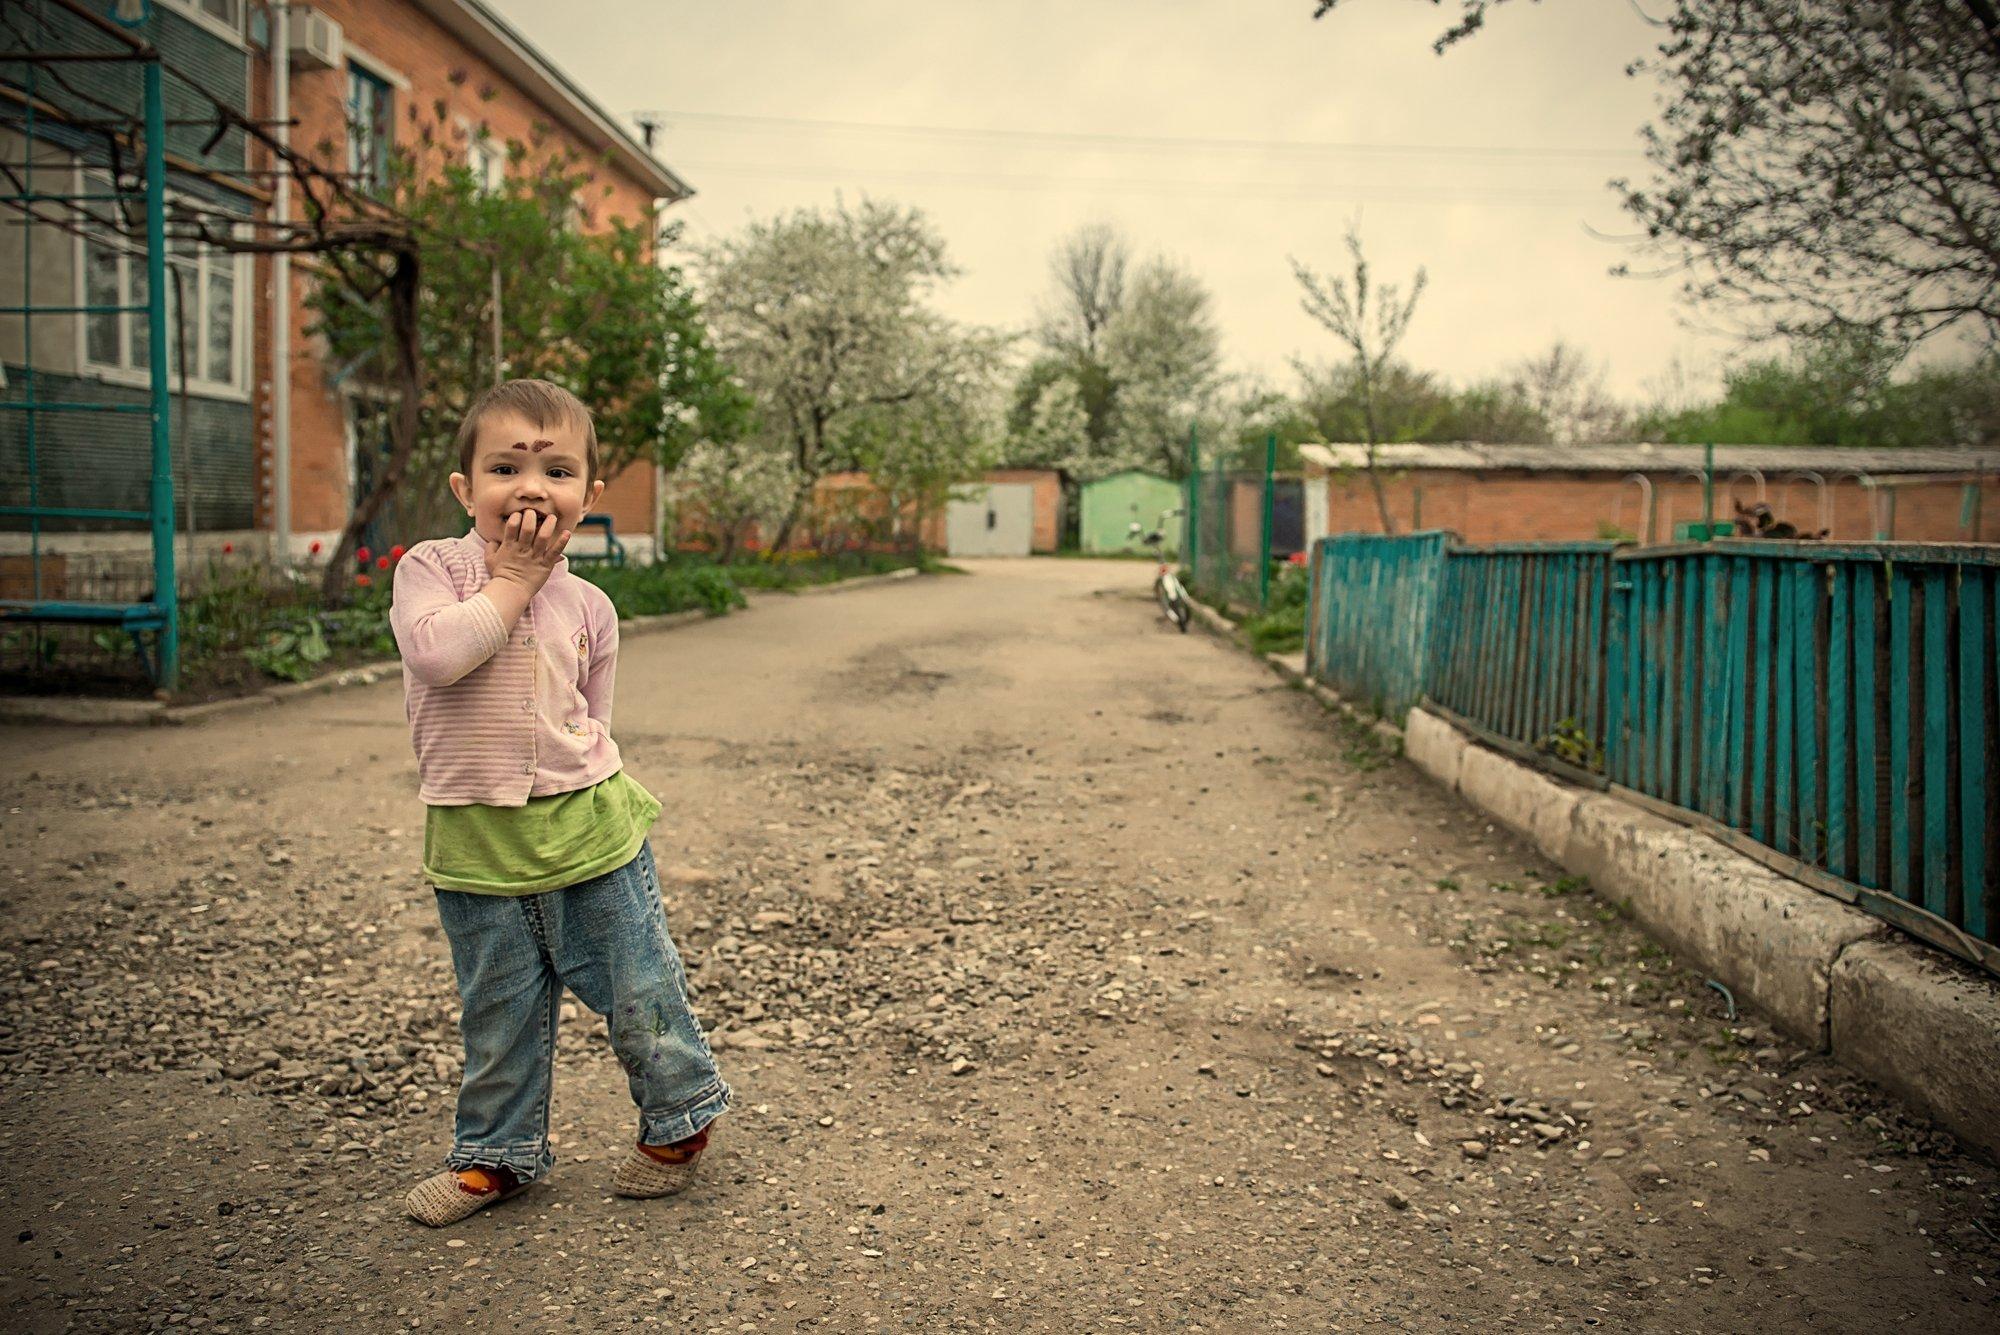 Ребёнок, мальчик, счастье, двор, улица, детство, беззаботность, Иван Кривко